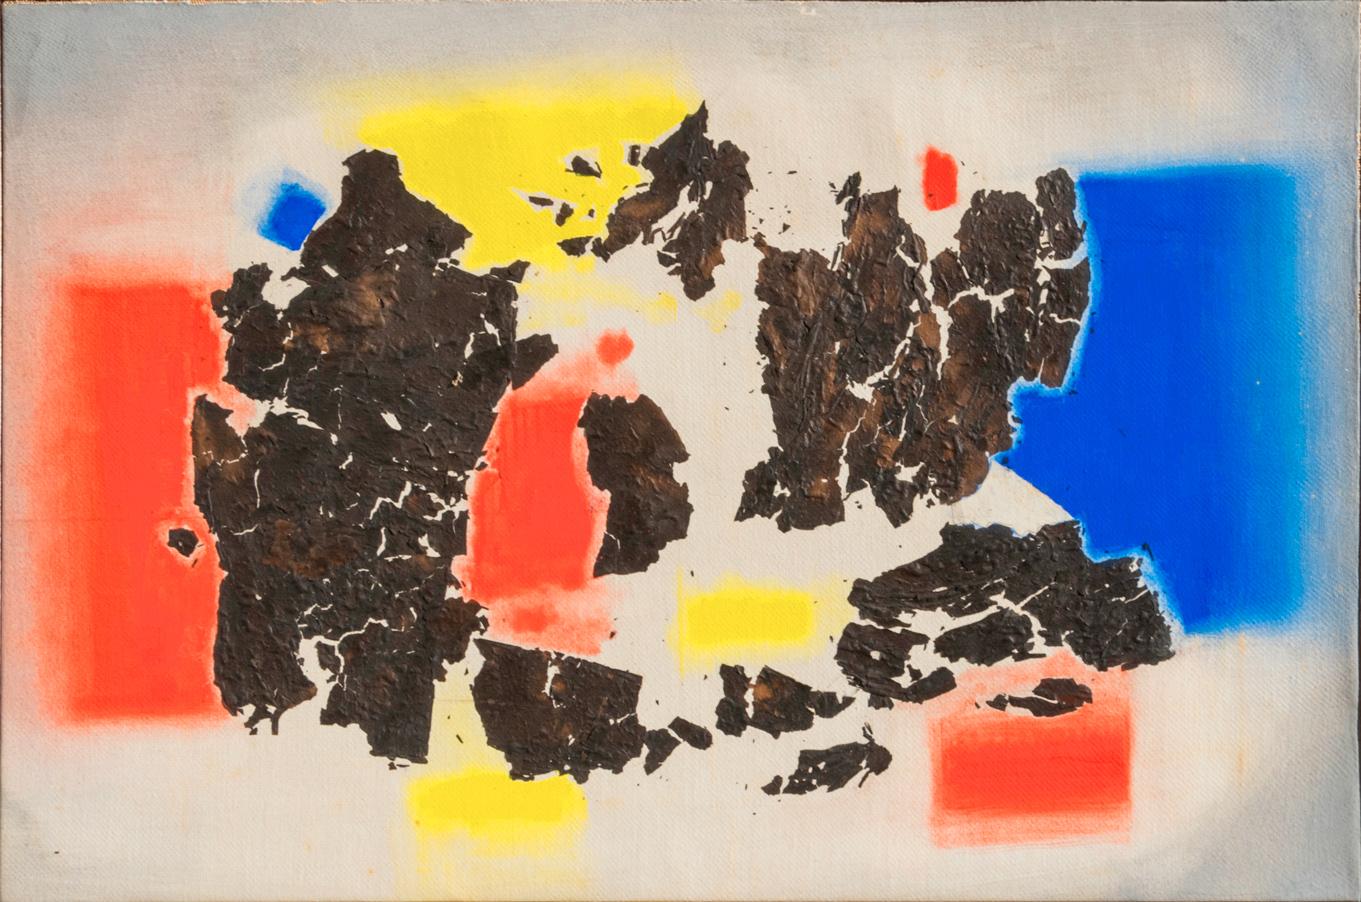 Bacci-Edmondo_Senza-Titolo_1972_tempera-e-carta-bruciata-su-tela_40x60cm